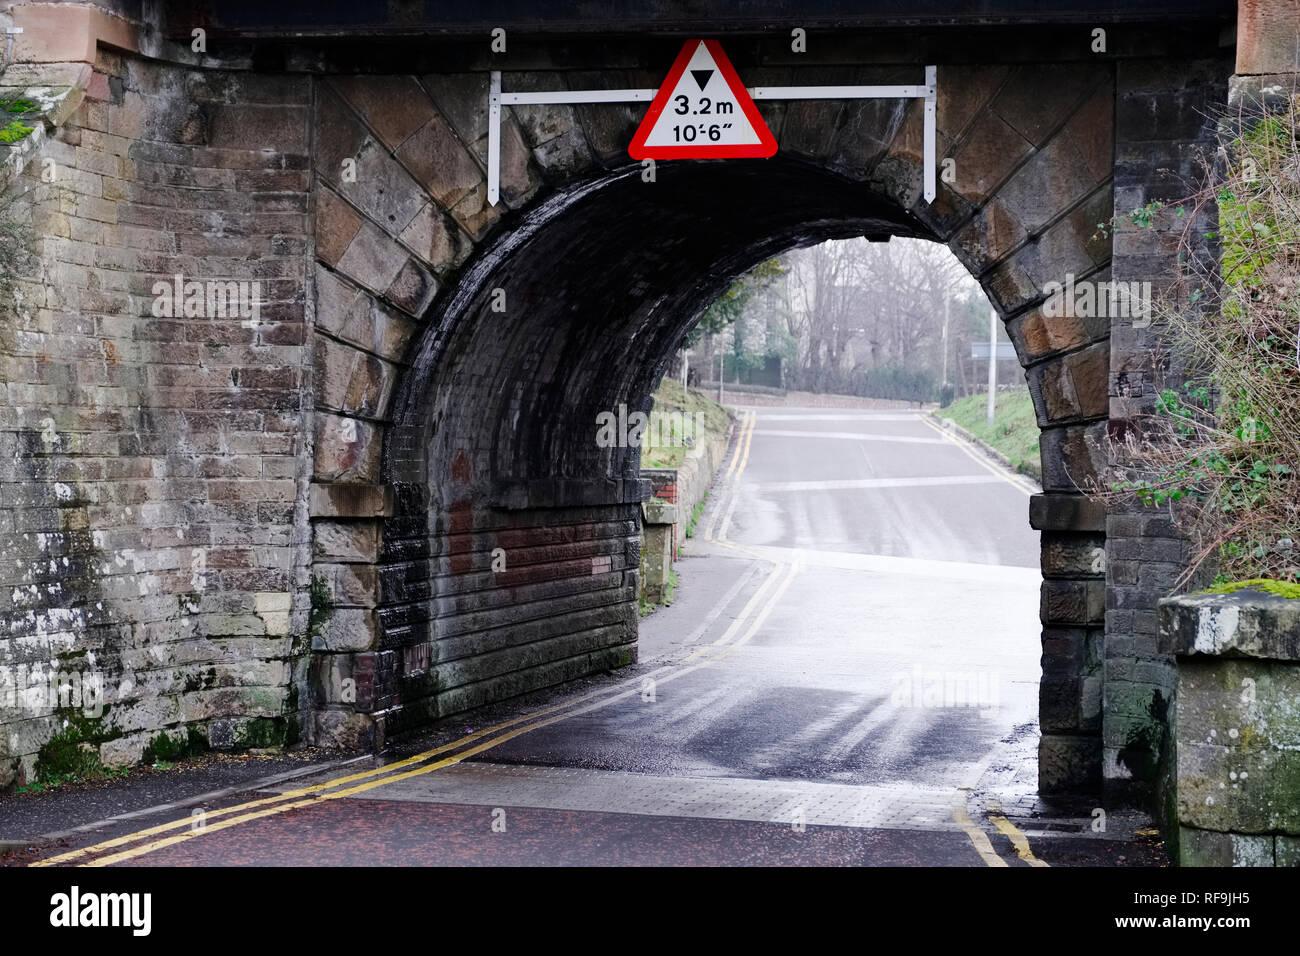 La hauteur maximale du pont vieux et signe de tête arche en pierre Photo Stock